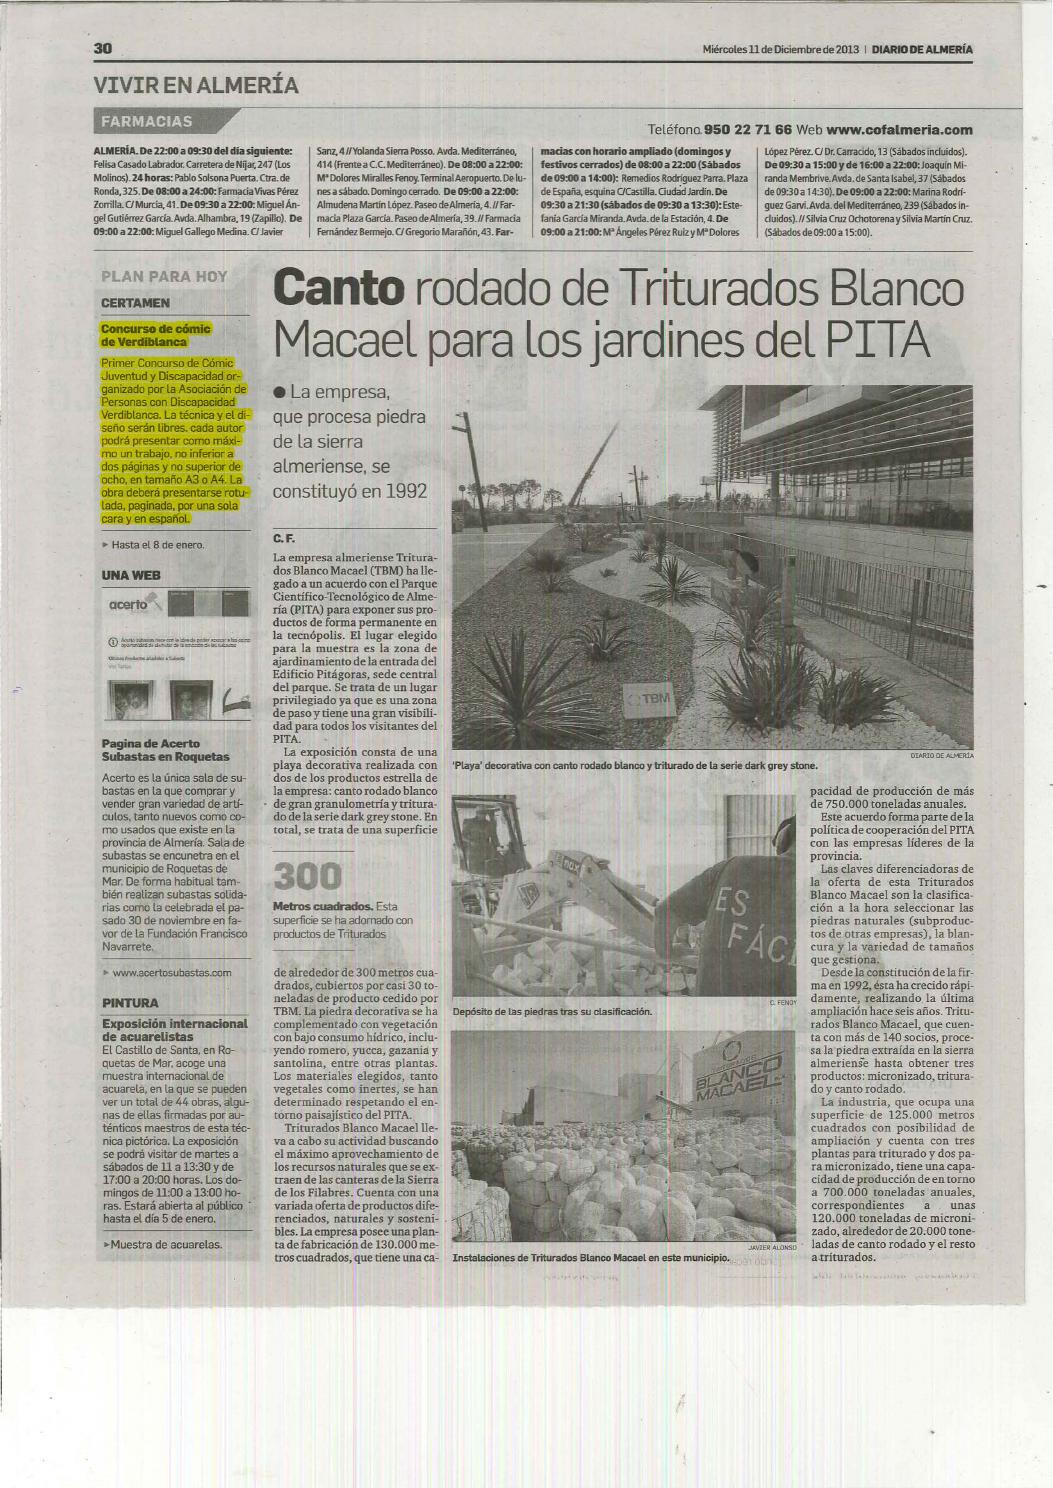 Dossier De Prensa Discapacidad Del 11 Al 13 De Diciembre De 2013  # Hazan Muebles Gavilan